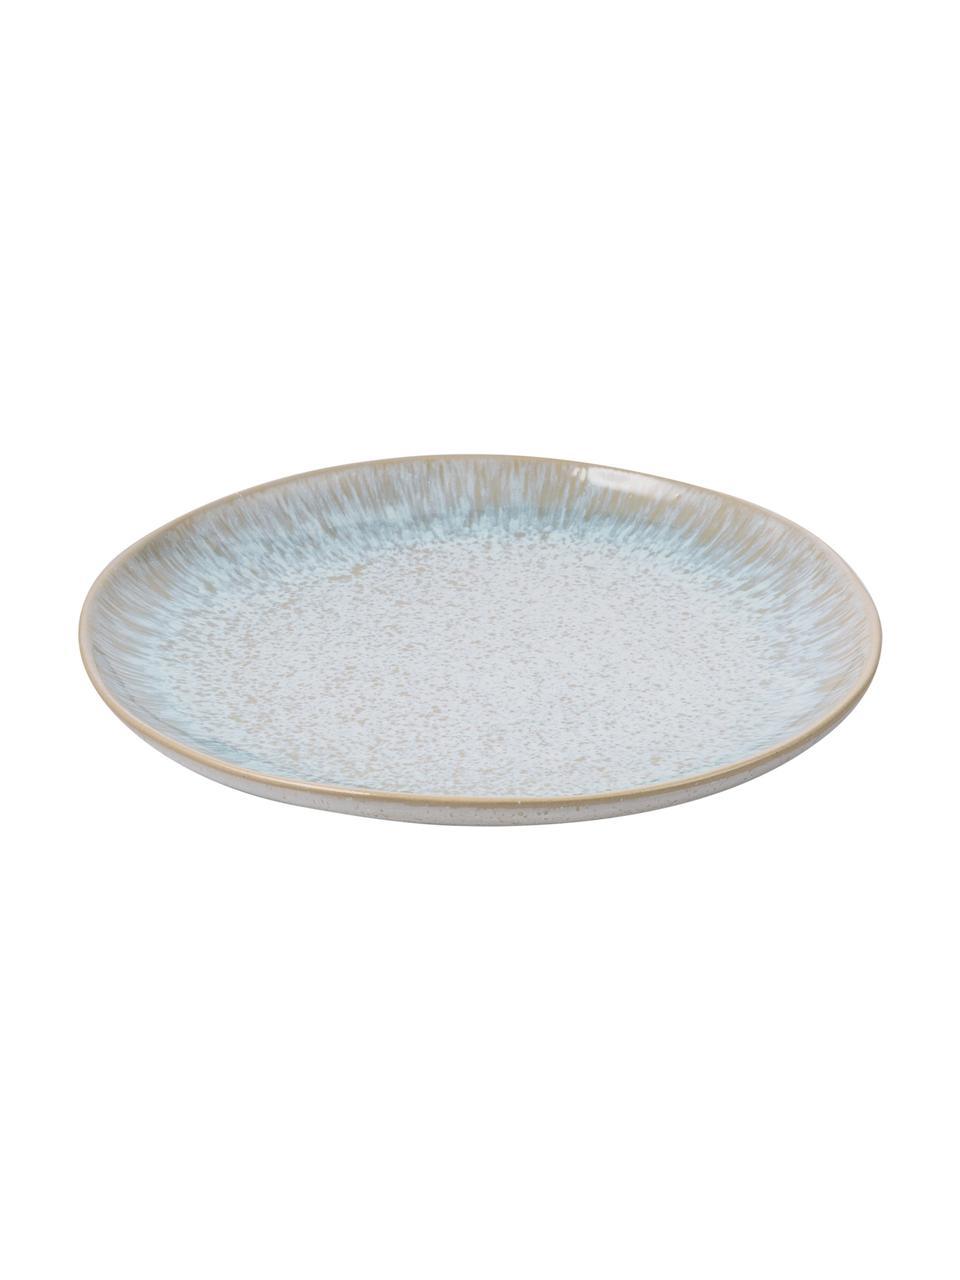 Ręcznie malowany talerz śniadaniowy Areia, 2 szt., Kamionka, Jasny niebieski, złamana biel, jasny beżowy, Ø 22 cm